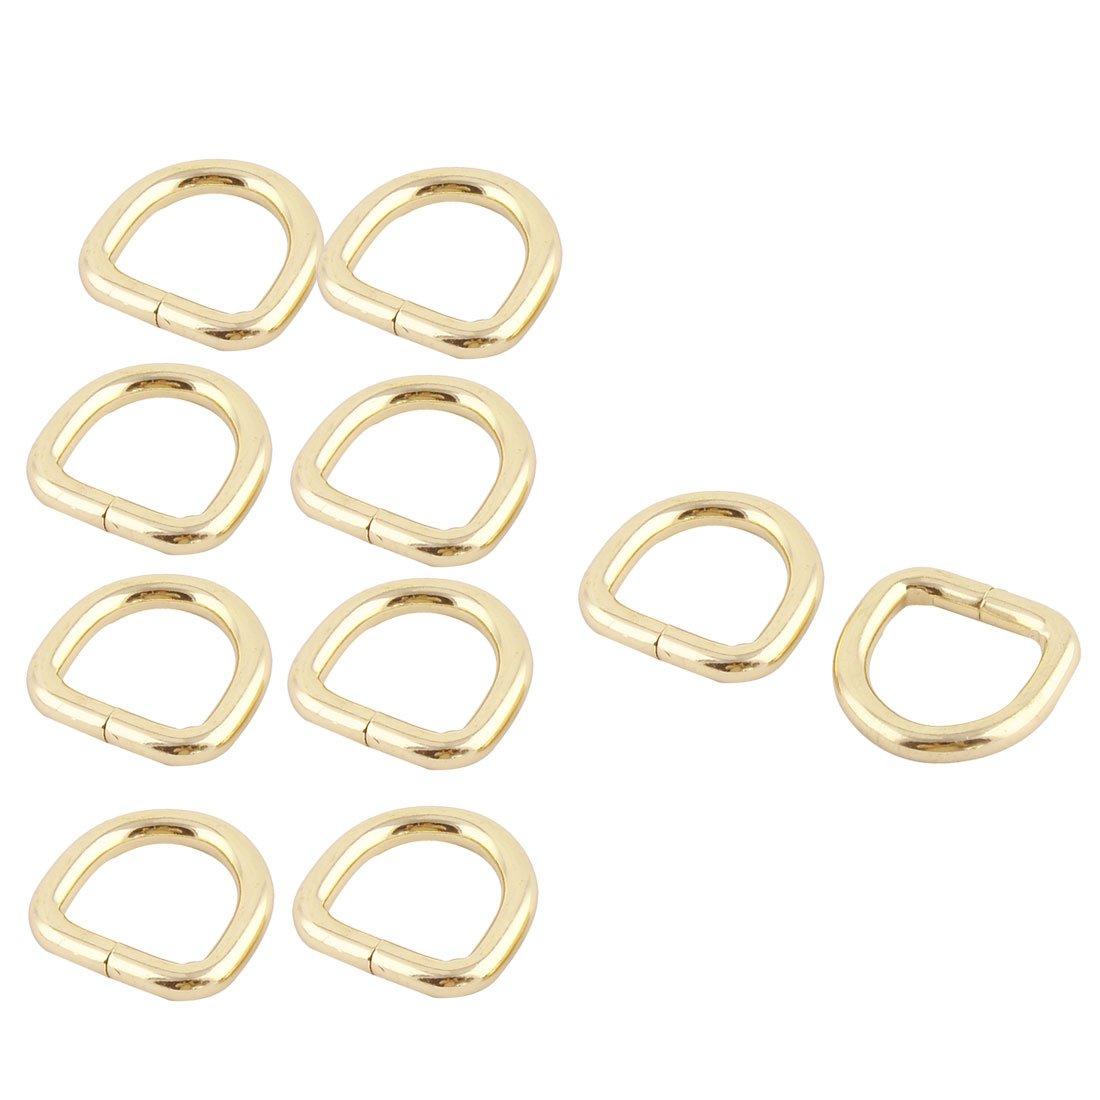 sourcingmap® Borsetta D metallica forma fibbia ad anello 0, 8 x 0.75 dimensioni interne tono Oro 10 pz. a16091200ux0039